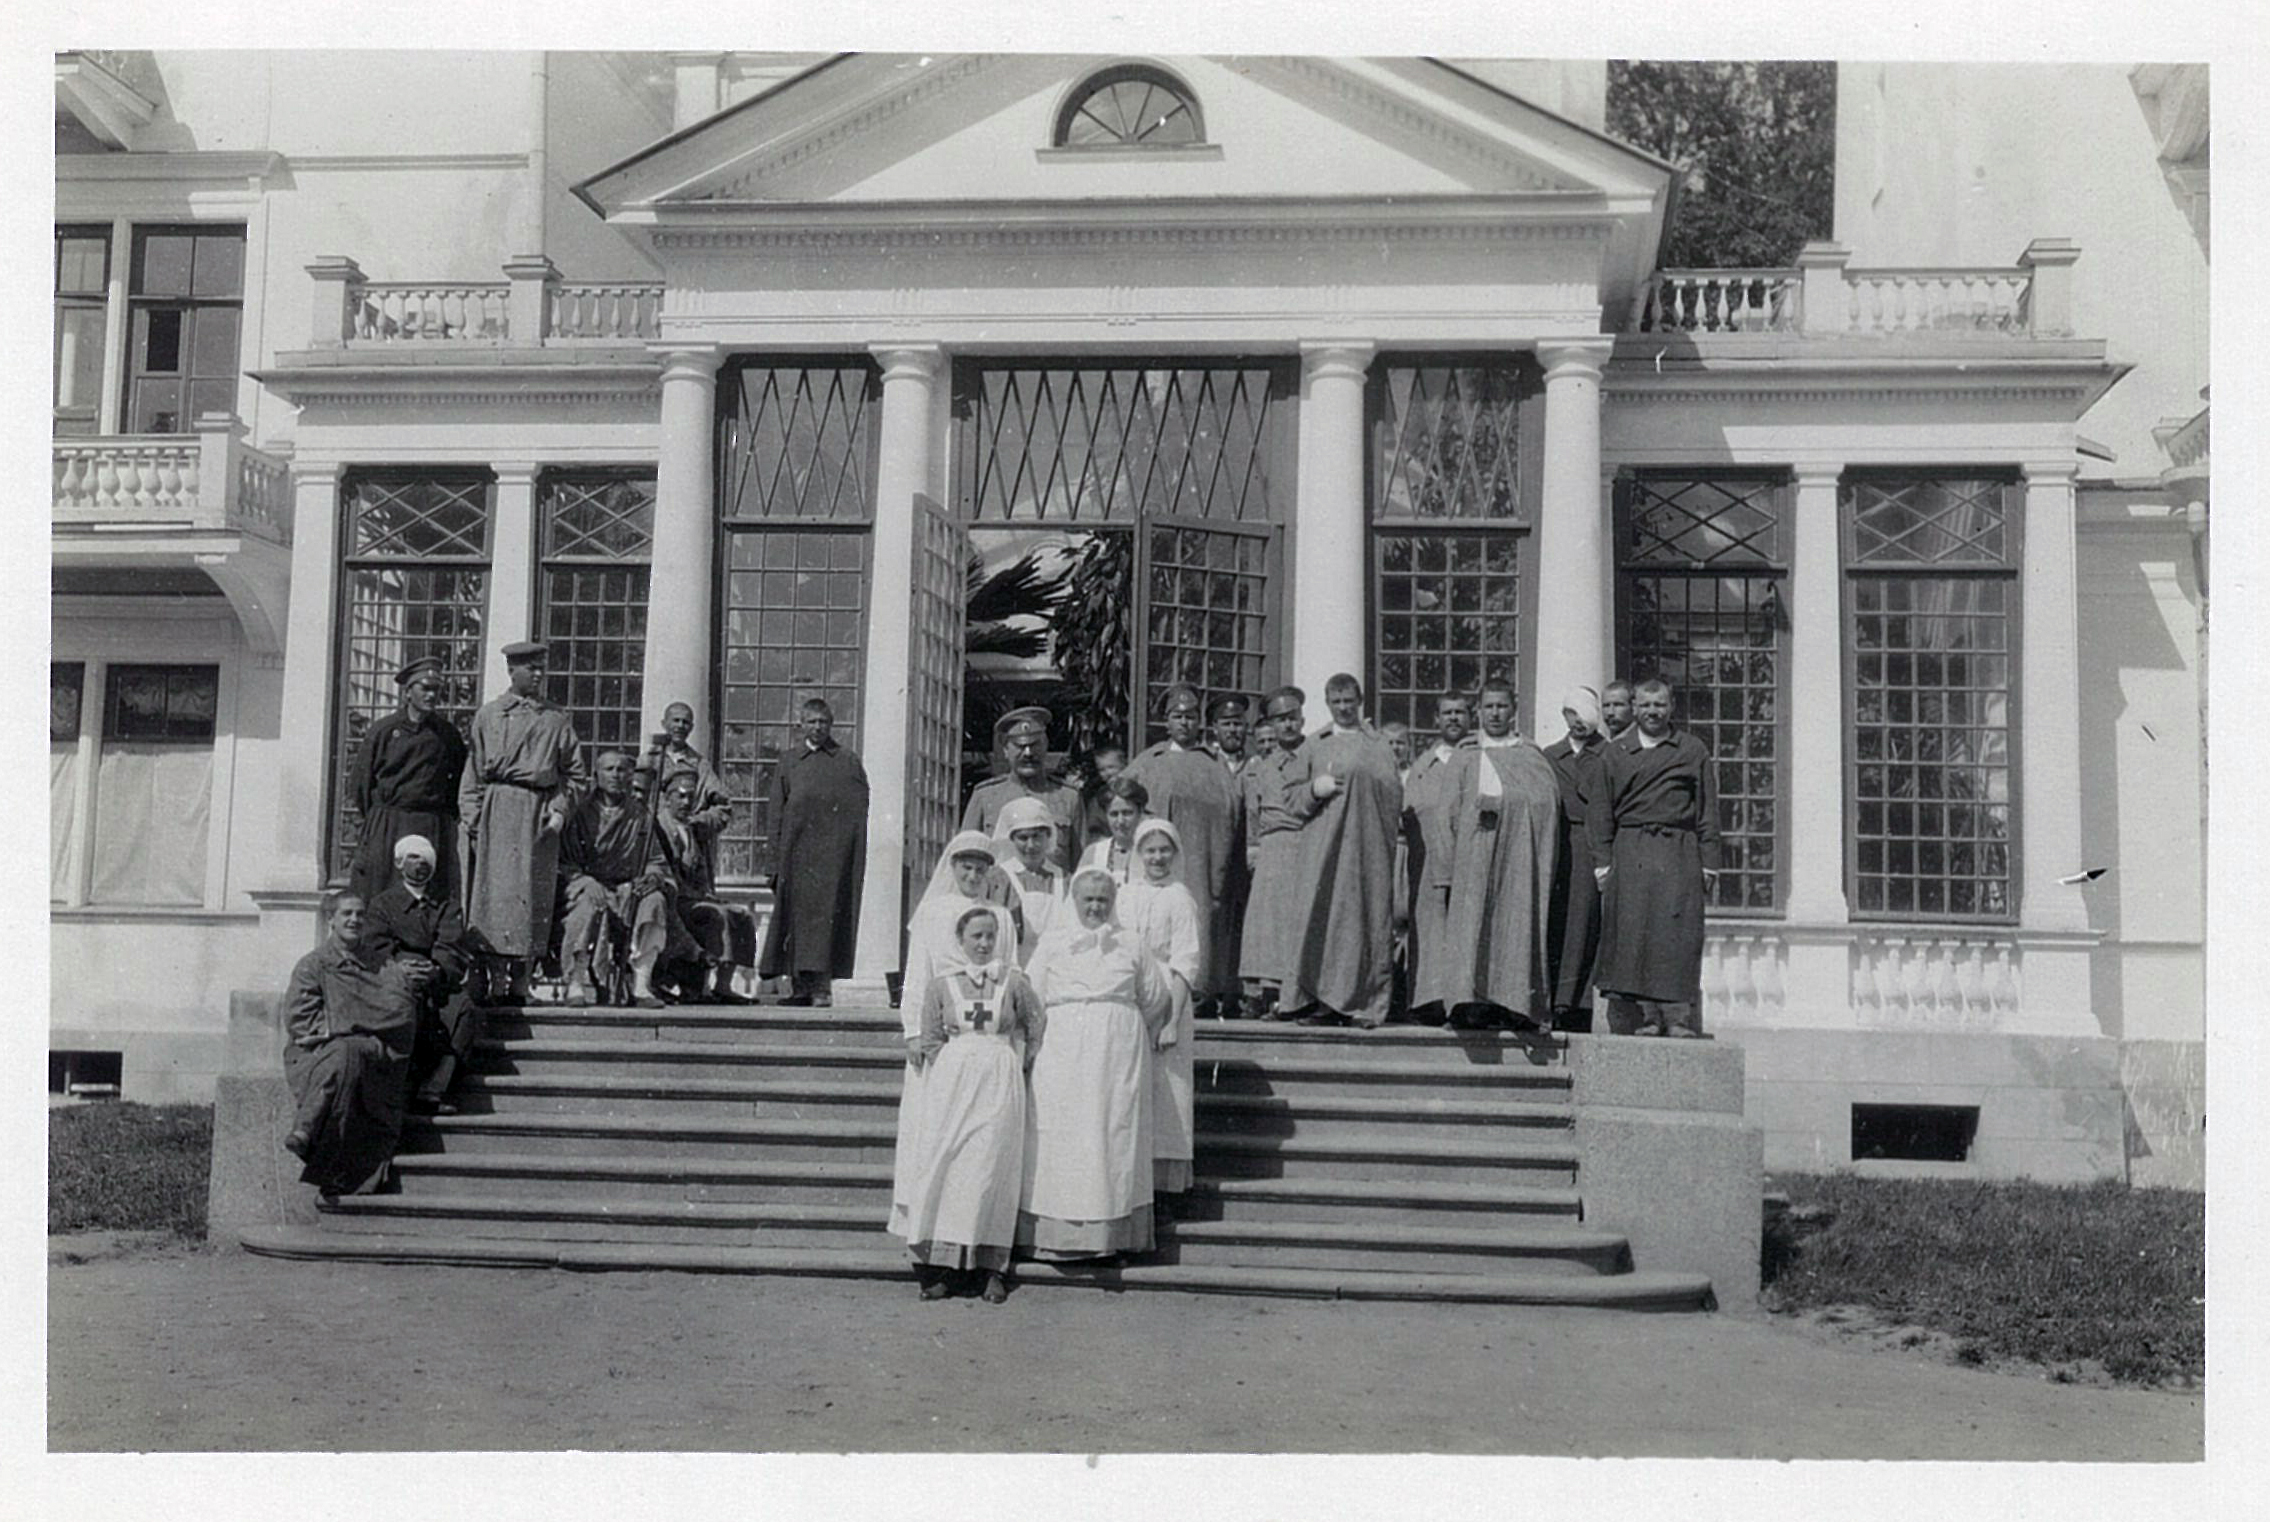 Лазарет Л.М. Ден-Медем в Щеглово. В.П.Всеволожский (в центре) с сёстрами милосердия и ранеными перед зданием лазарета. 1914-1917